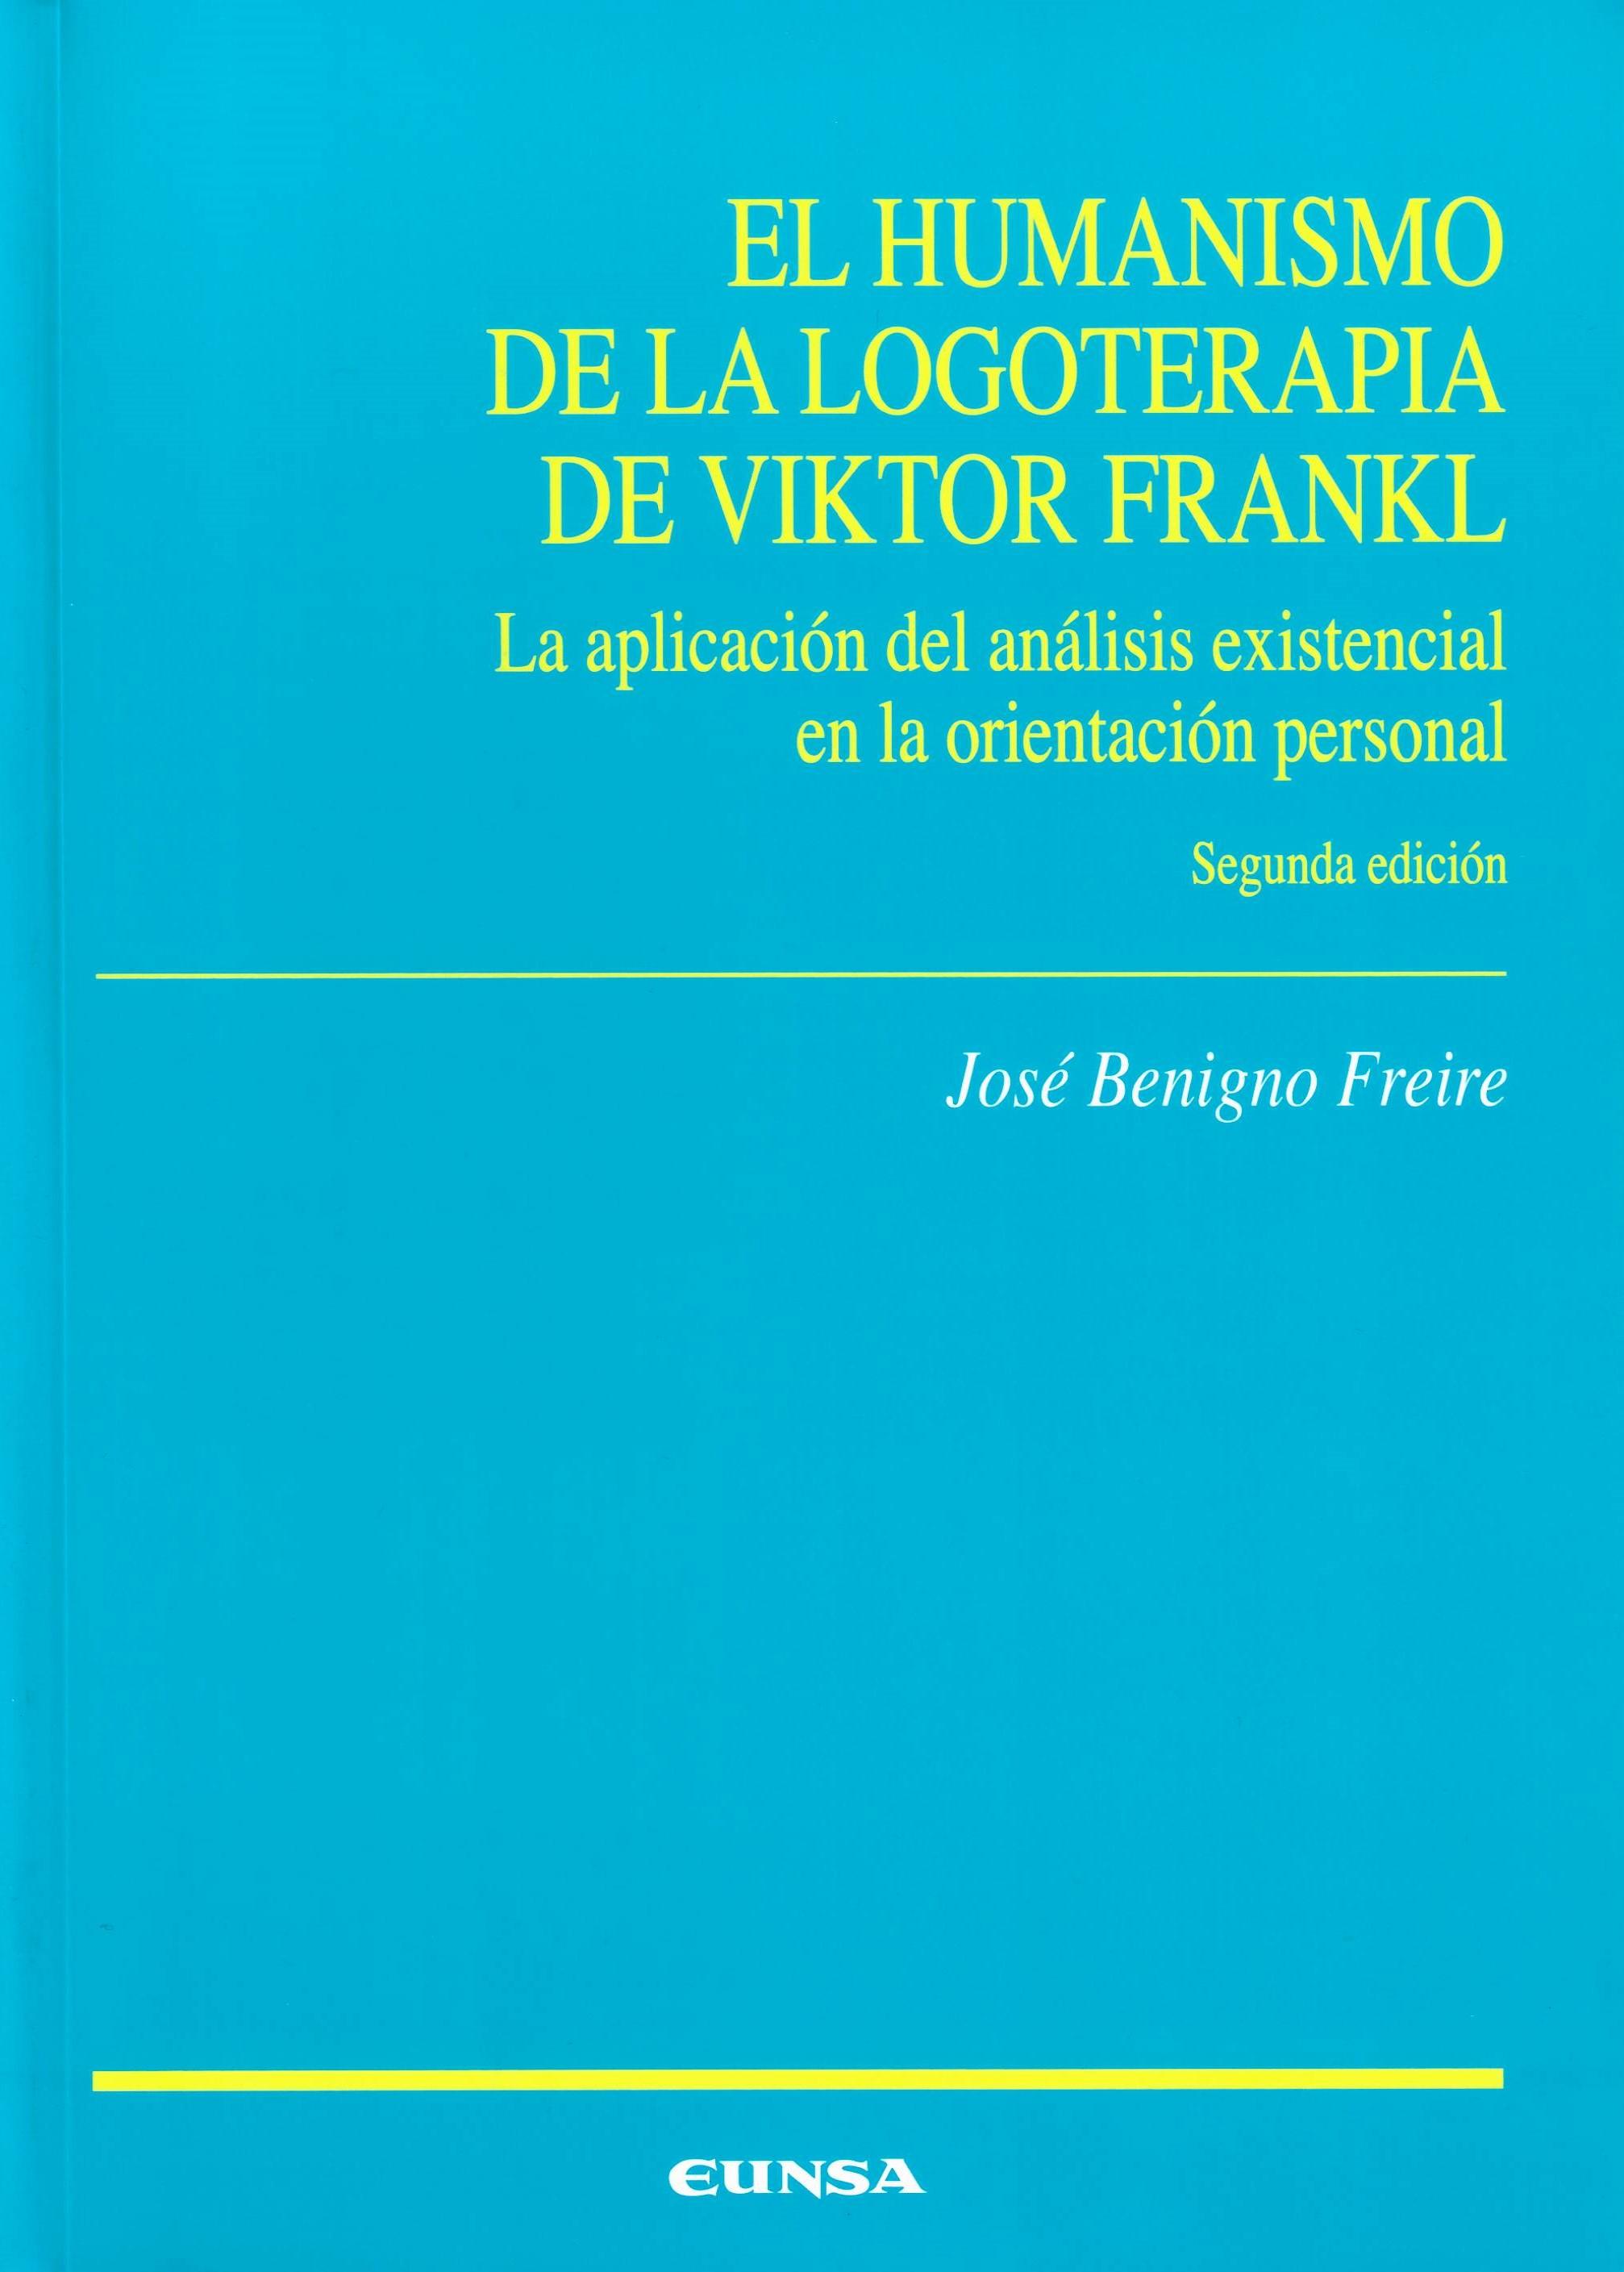 El humanismo de la logoterapia de Viktor Frankl